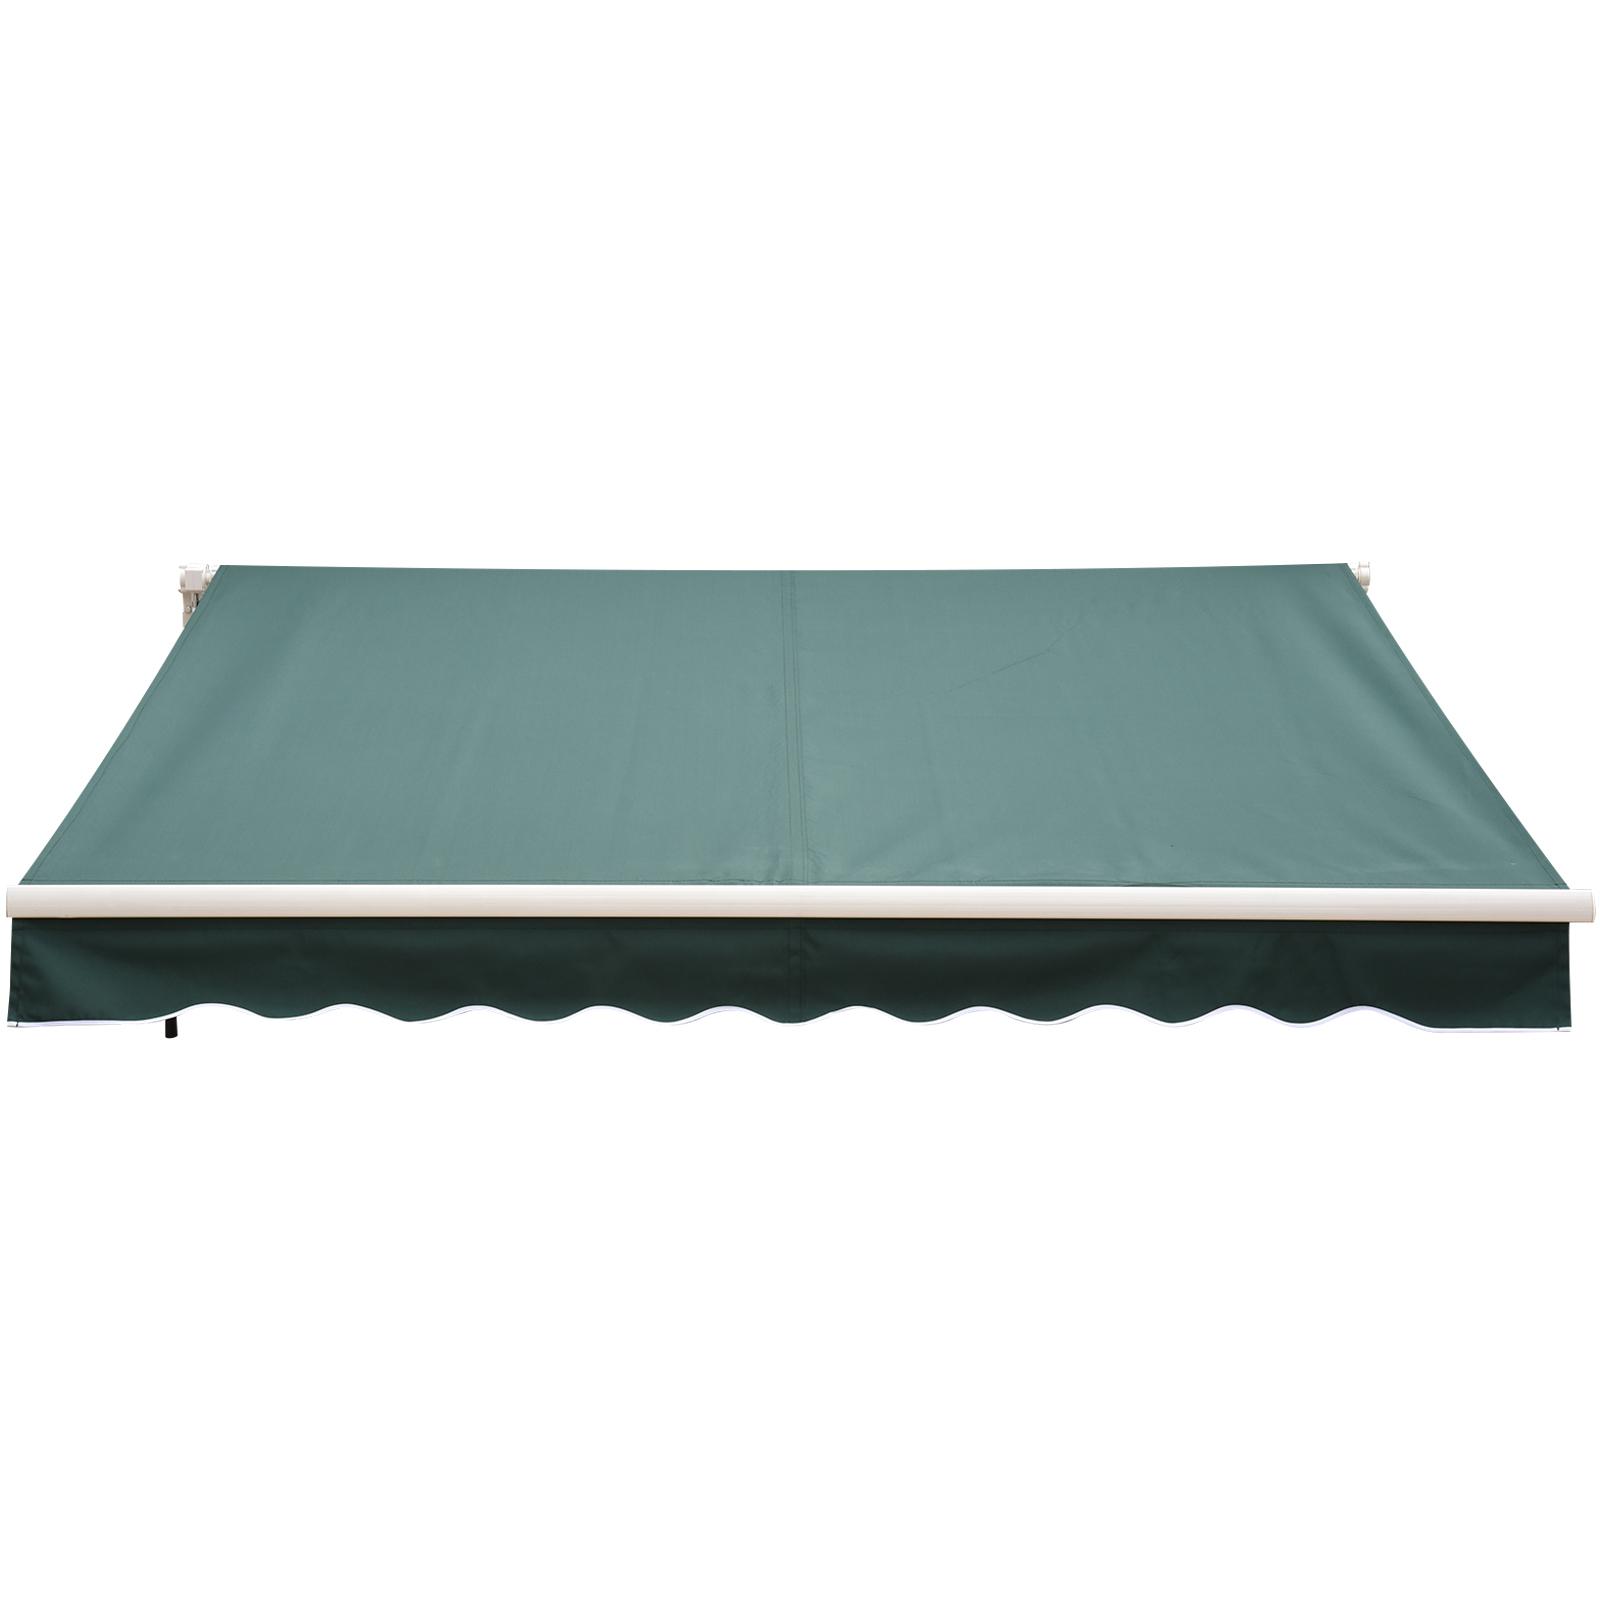 Garden Patio Manual Awning Canopy Sun Shade Shelter Retractable 4 Size 5 Colour